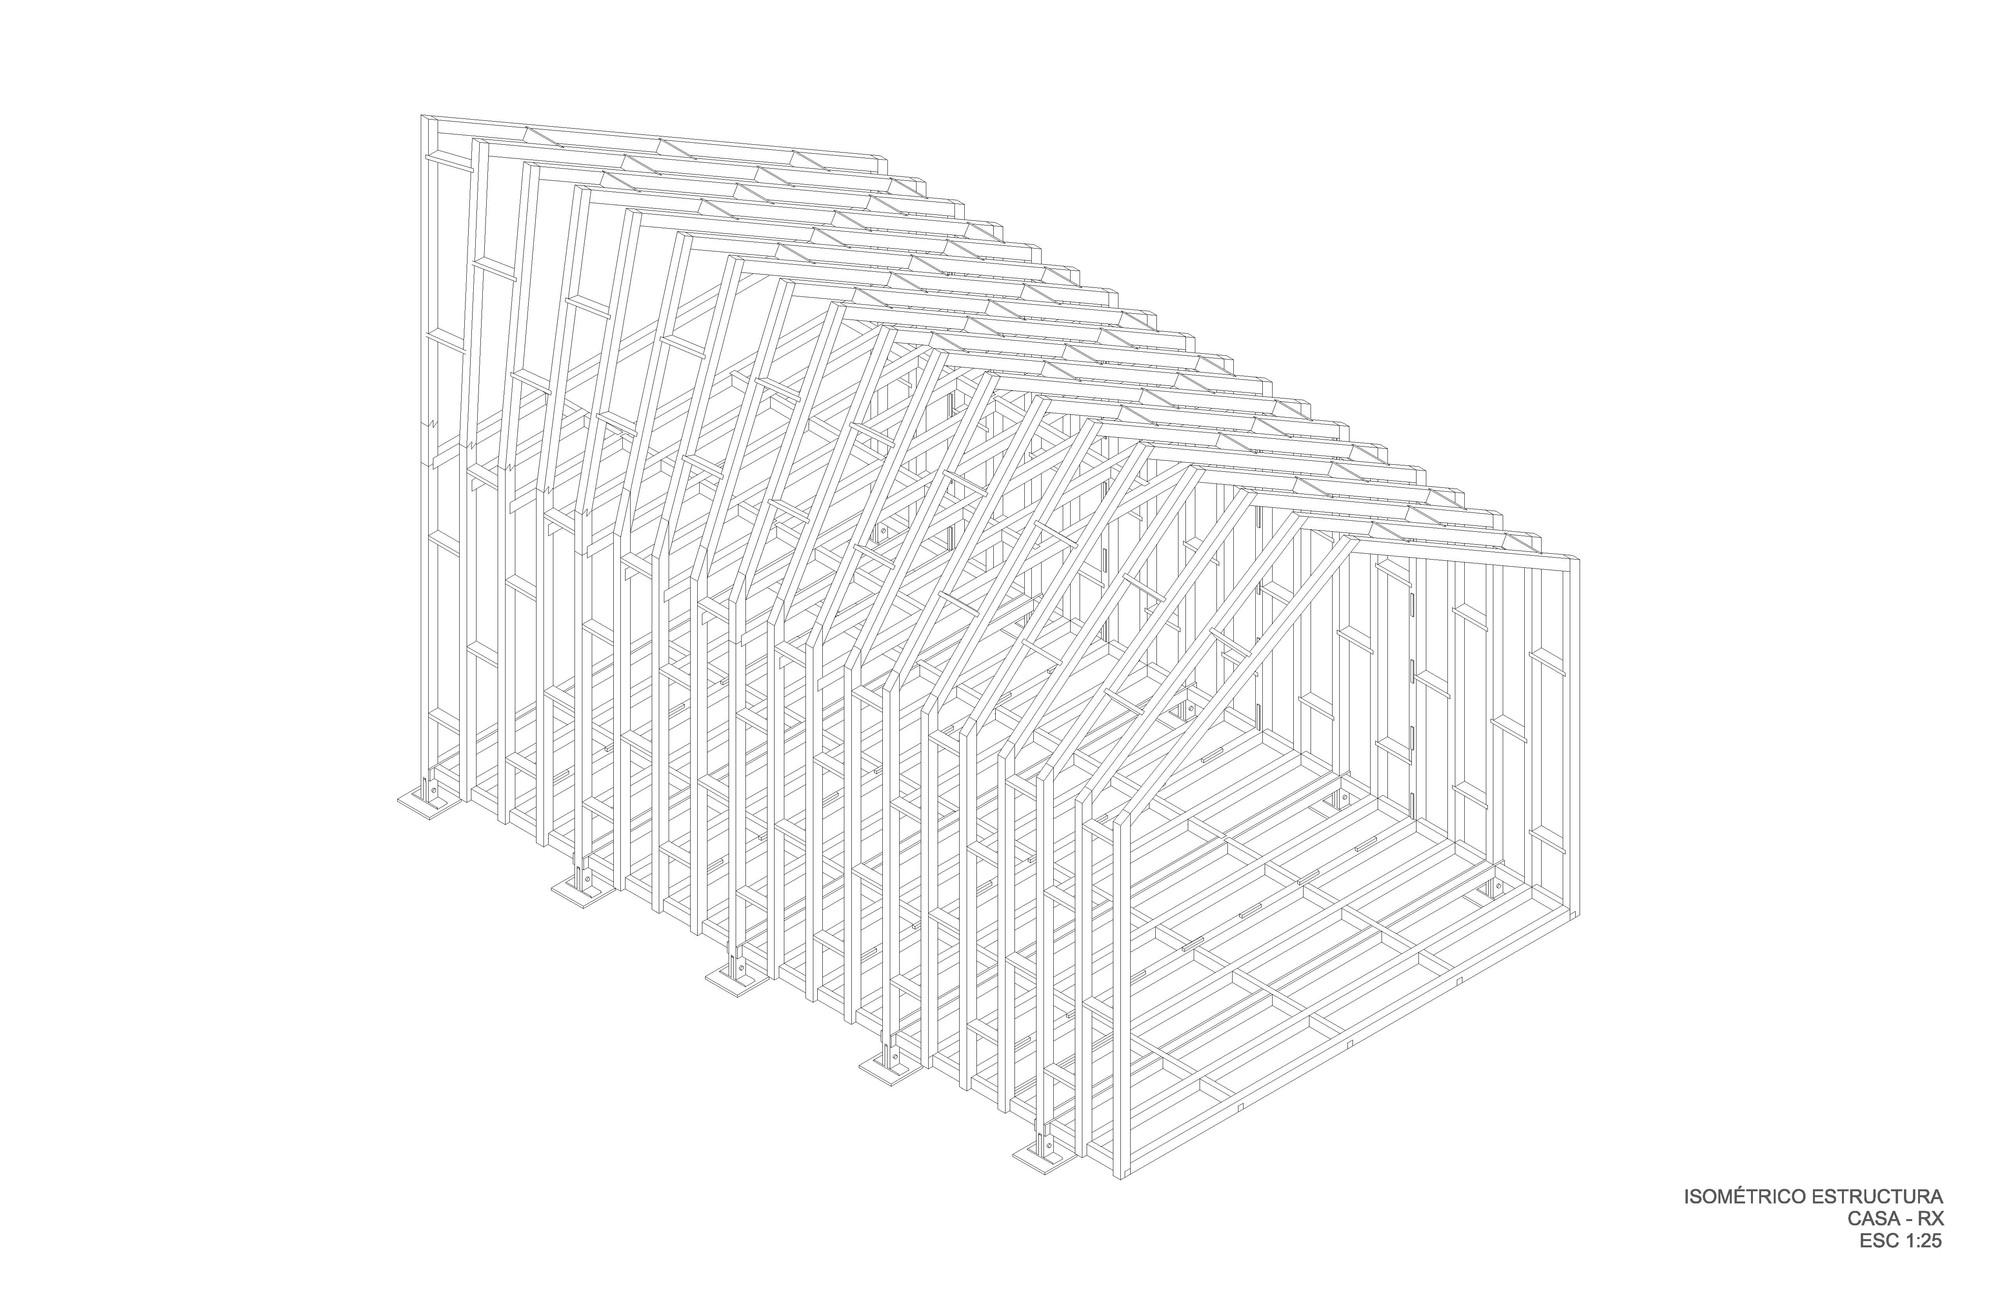 Isométrico estructura